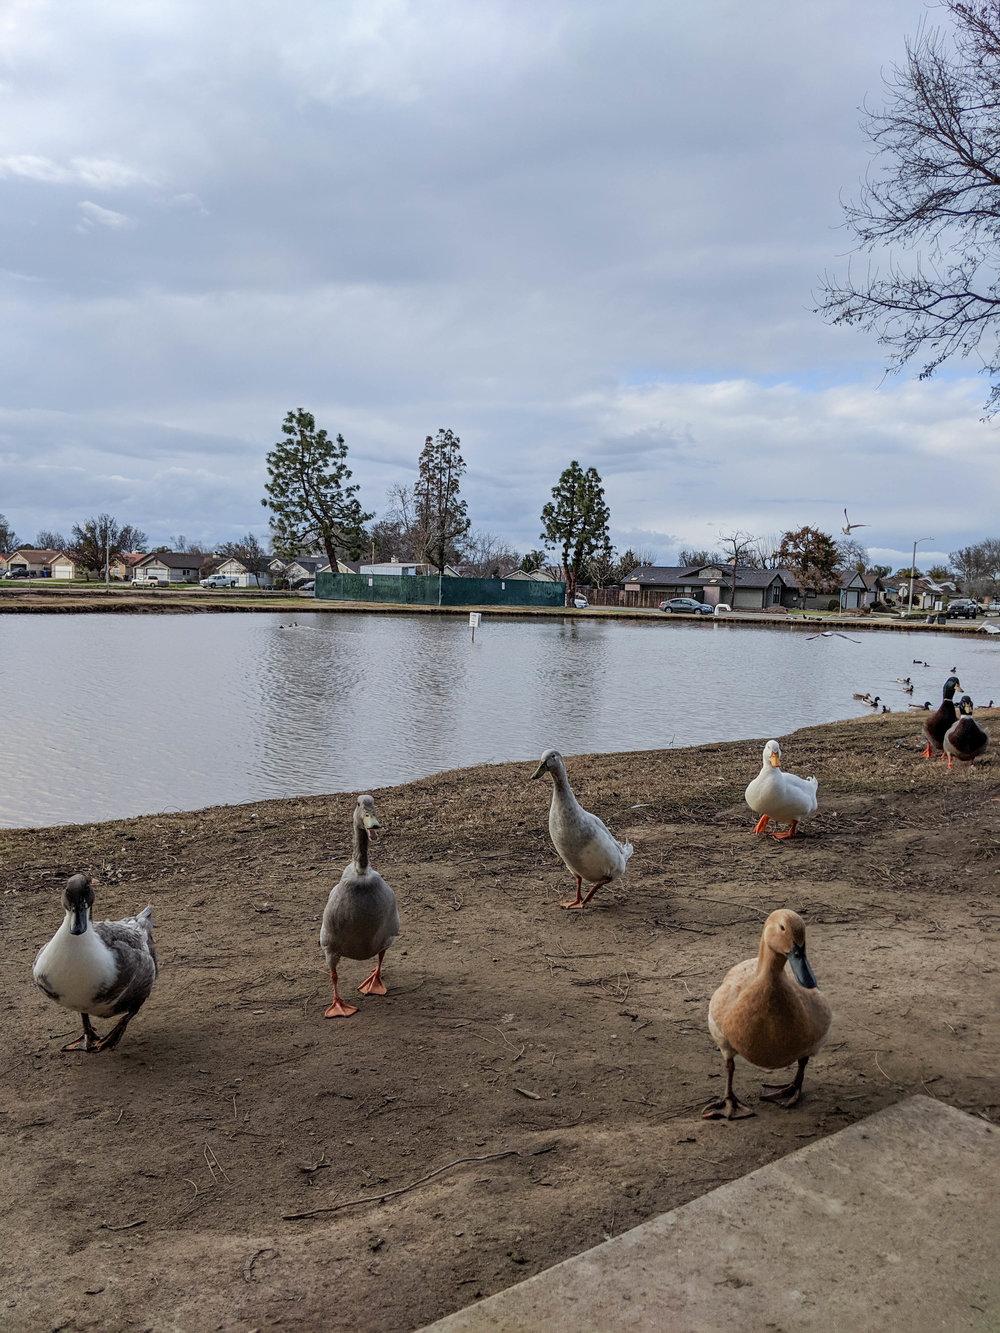 bri rinehart; hanford; photography; nature; california; ducks